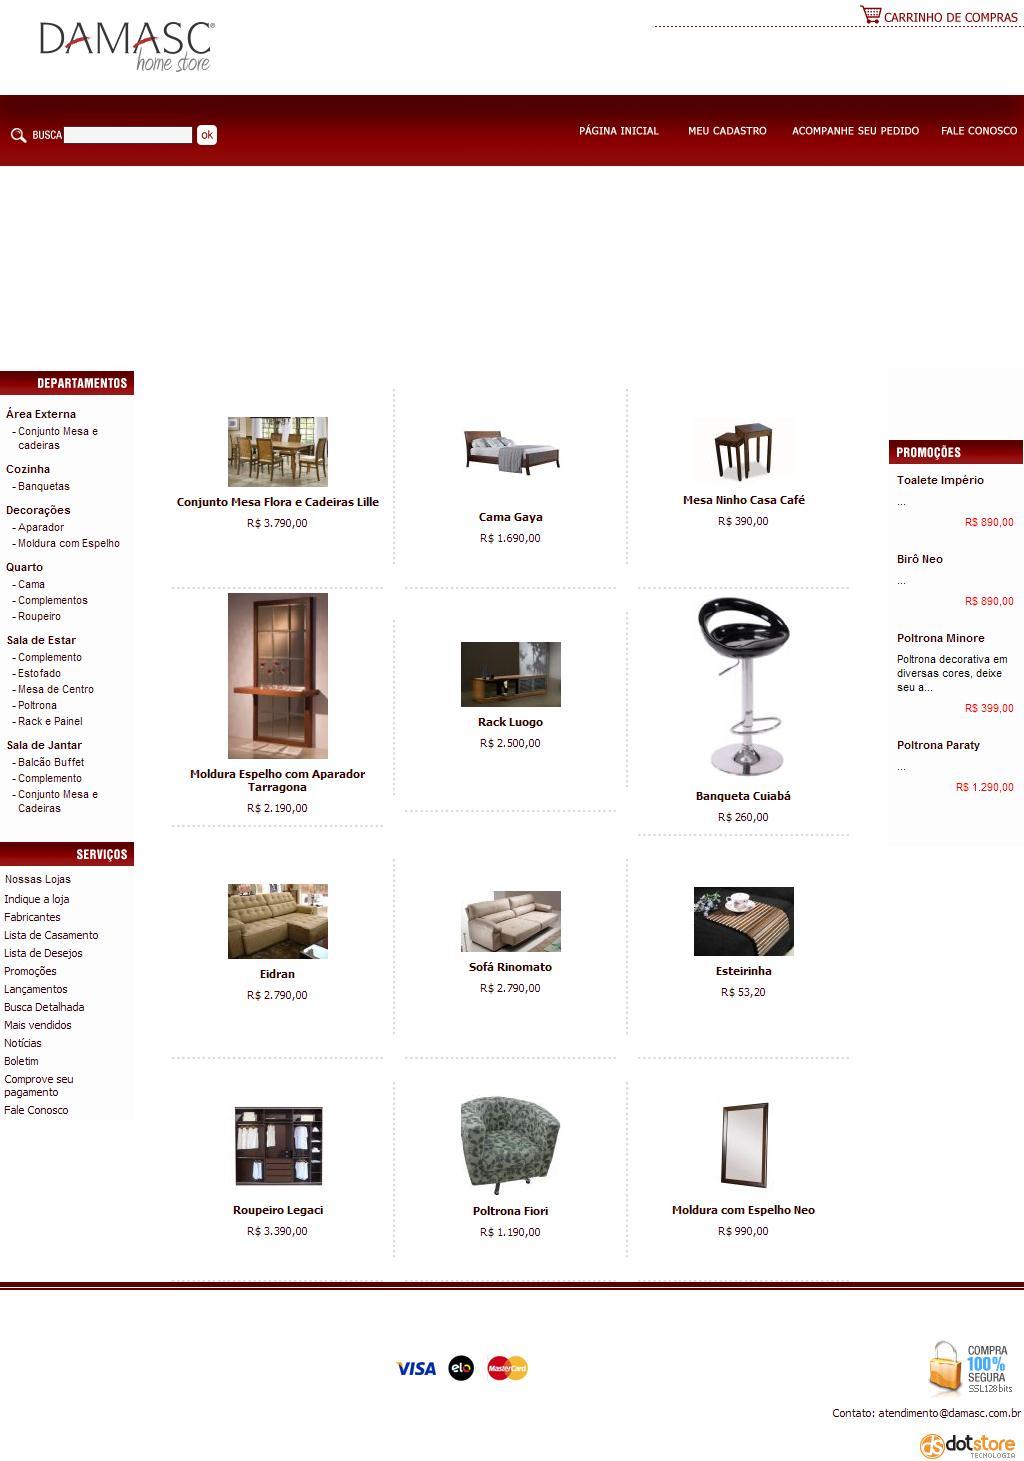 Damasc Home Store - Loja de Móveis e Decorações em Campo Grande, Londrina e Maringá